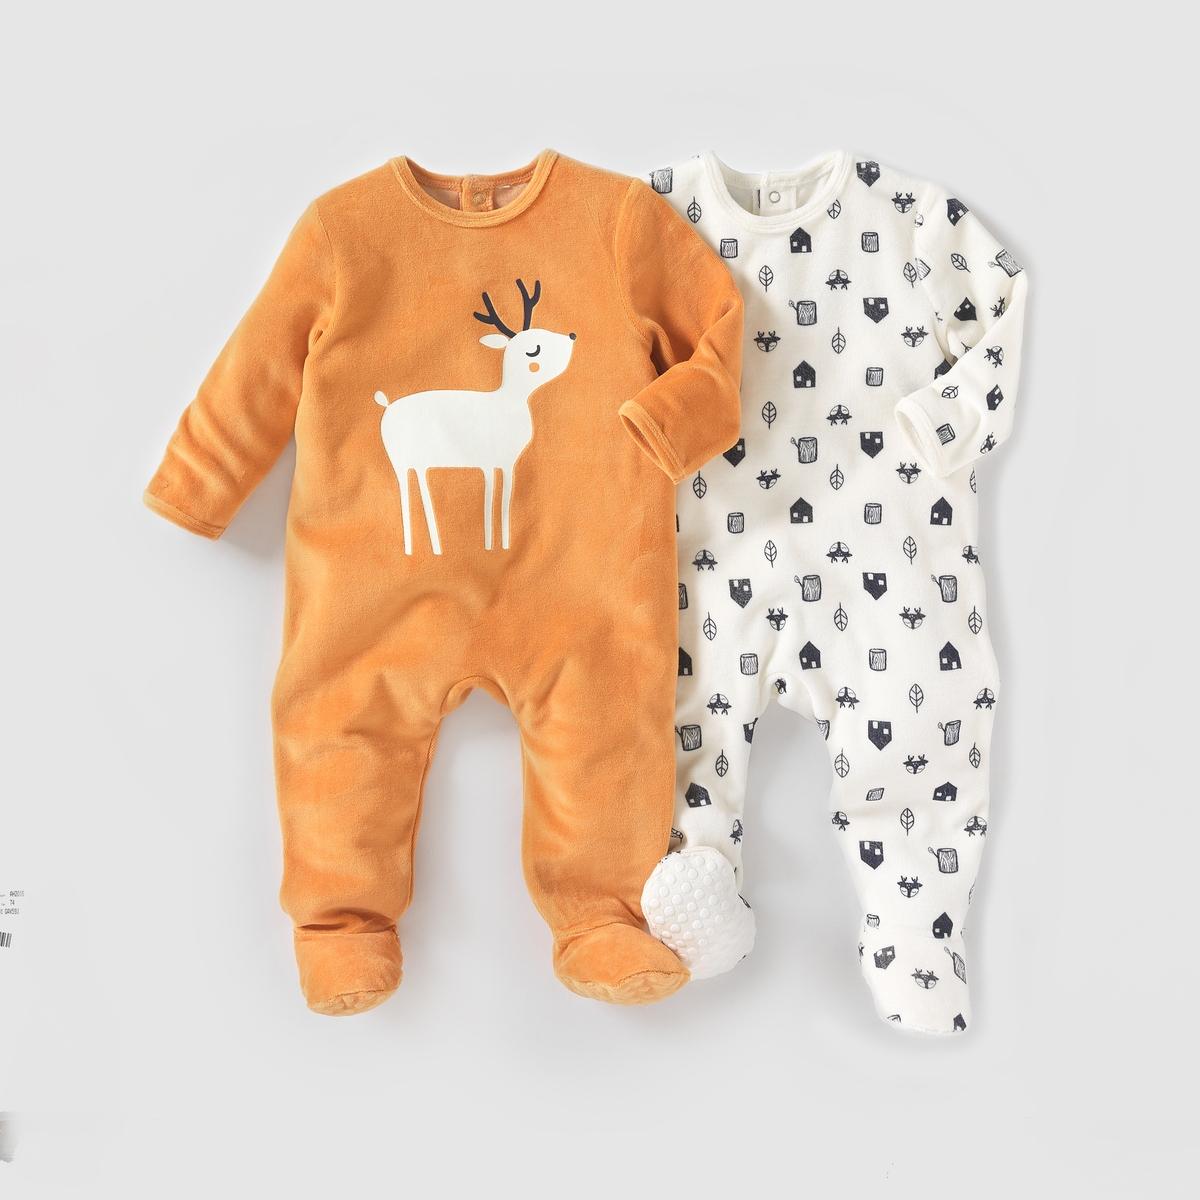 2 пижамы из велюра,  0 месяцев - 3 годаКомплект из 2 велюровых пижам. В комплект входят: 1 пижама с рисунком дом, олени и листья + 1 однотонная пижама с рисунком олень спереди. Клапан на кнопках и застежка на кнопки сзади. Нескользящая подошва начиная с размера 74 см (12 месяцев), эластичные вставки сзади для лучшей поддержки. Состав и описаниеМатериал:75% хлопка, 25% полиэстера.Марка: R essentielУходСтирать и гладить с изнанки.Машинная стирка при 30°С в умеренном режиме с одеждой подобных цветов.Машинная сушка в умеренном режиме.Гладить на средней температуре.<br><br>Цвет: Оранжевый + белый<br>Размер: 2 года - 86 см